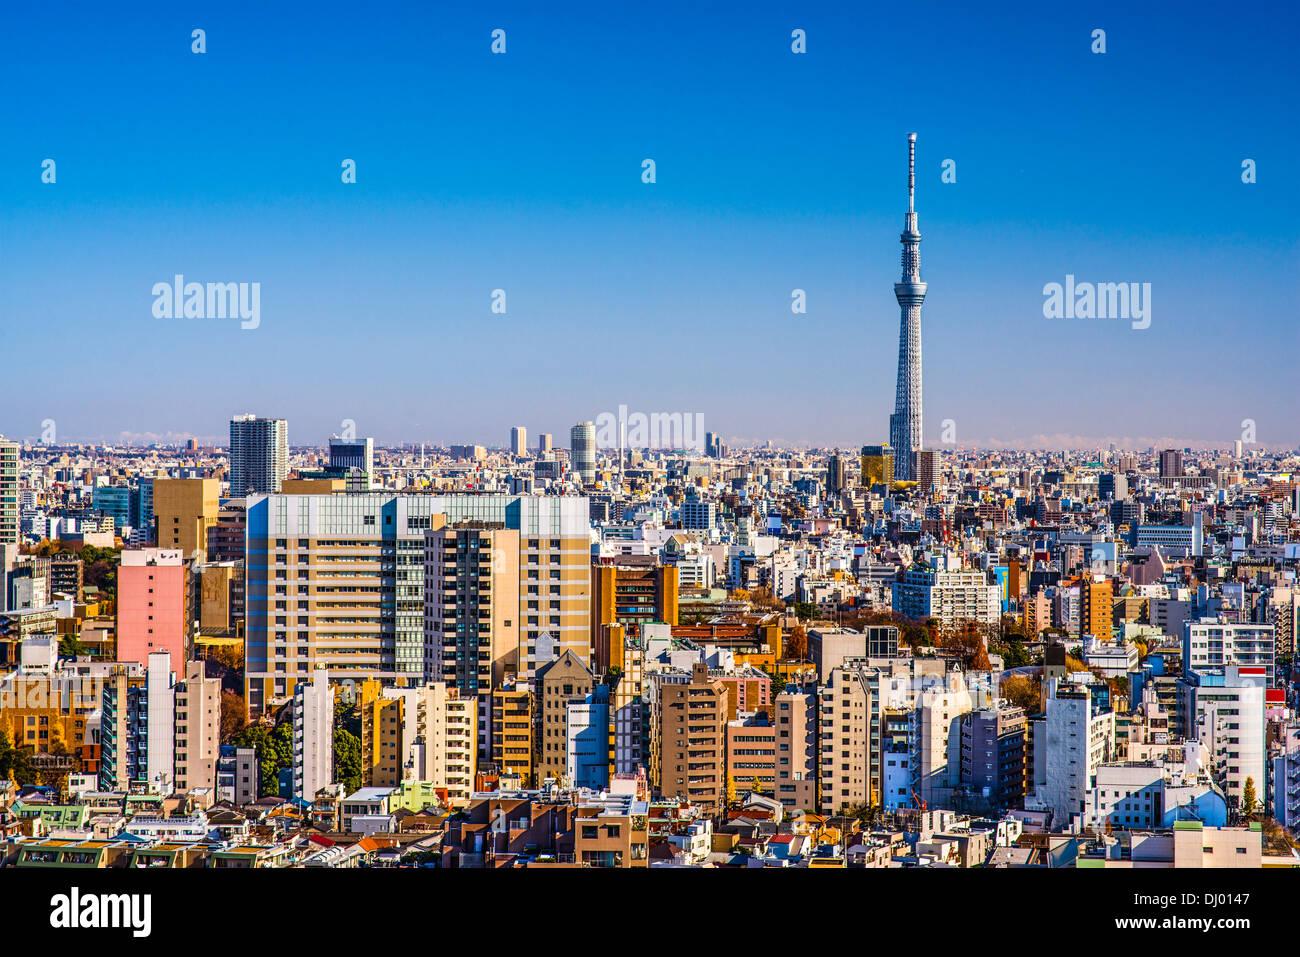 Tokyo, Giappone nel pomeriggio con lo skyline di Tokyo Sky Tree. Immagini Stock